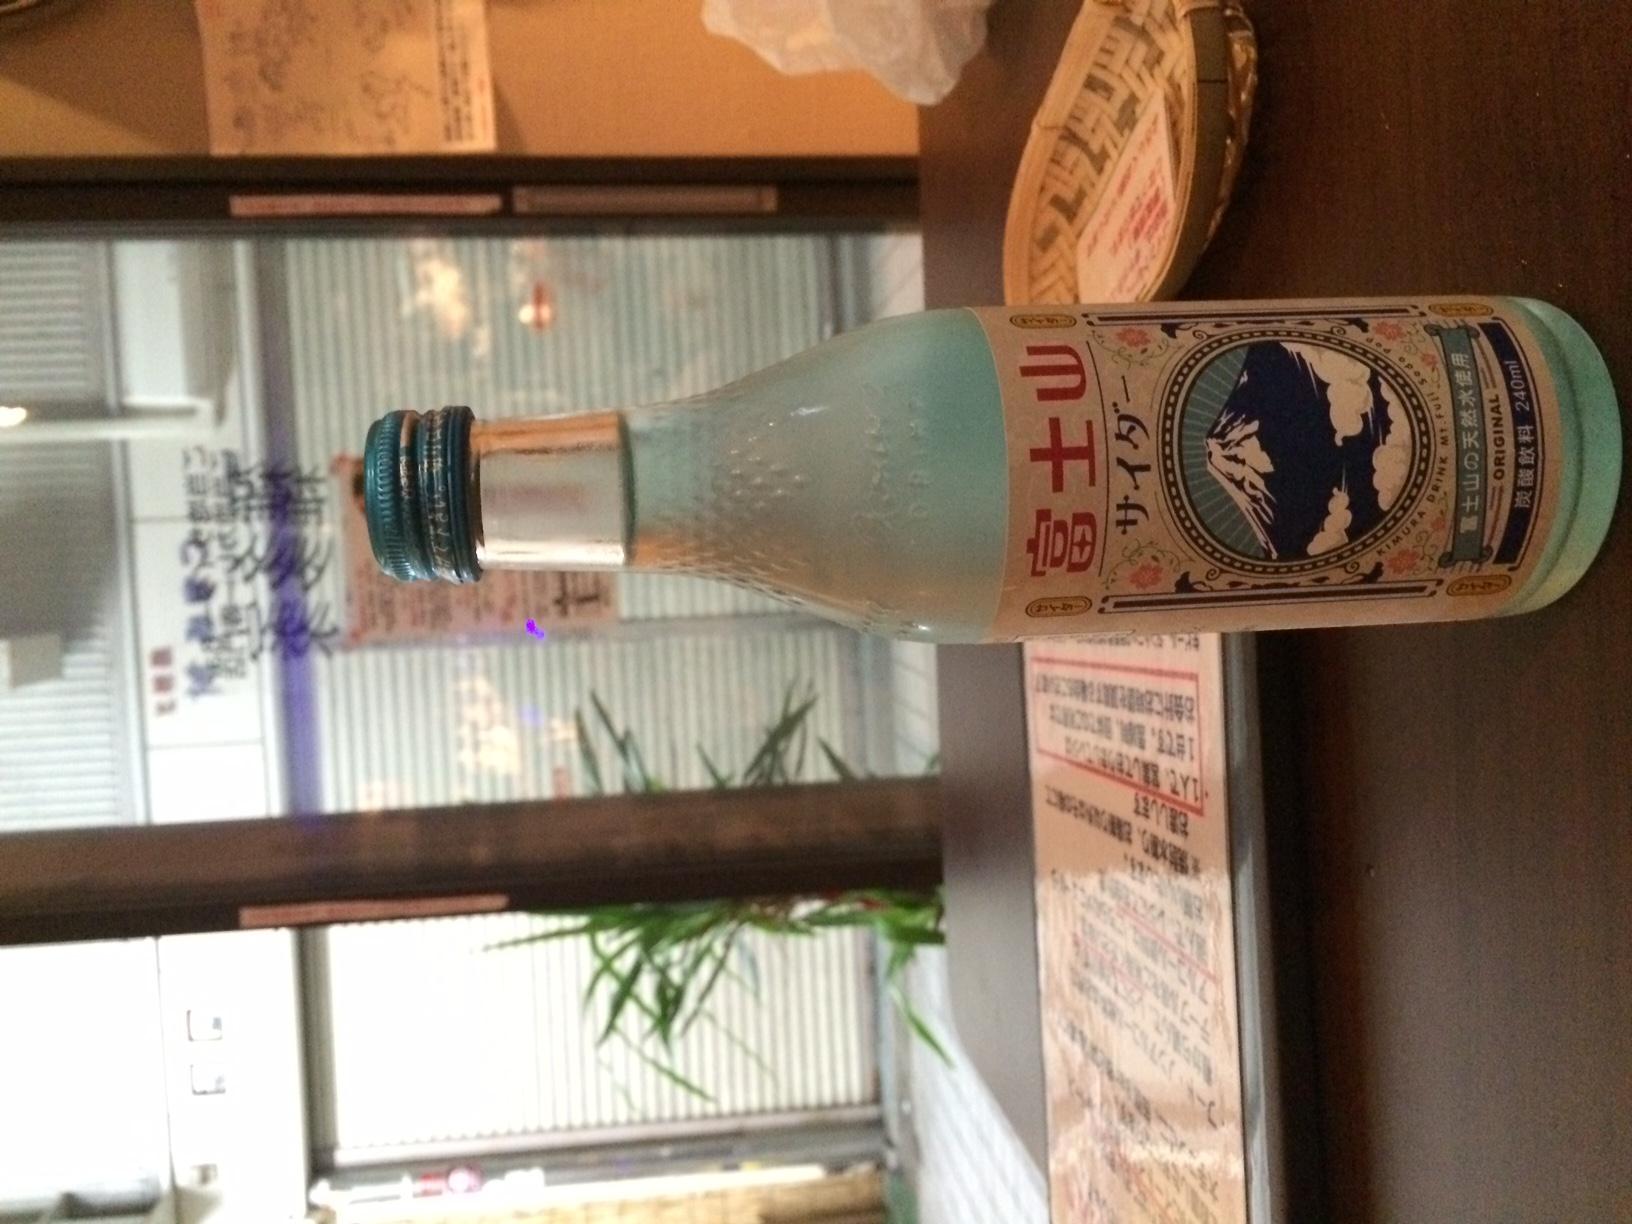 ネタ飲料で有名な木村飲料がたまに放つ真面目なサイダーの一つ「富士山サイダー」 甘さ控えめでまさしく富士山のような清涼感がある 旨い!